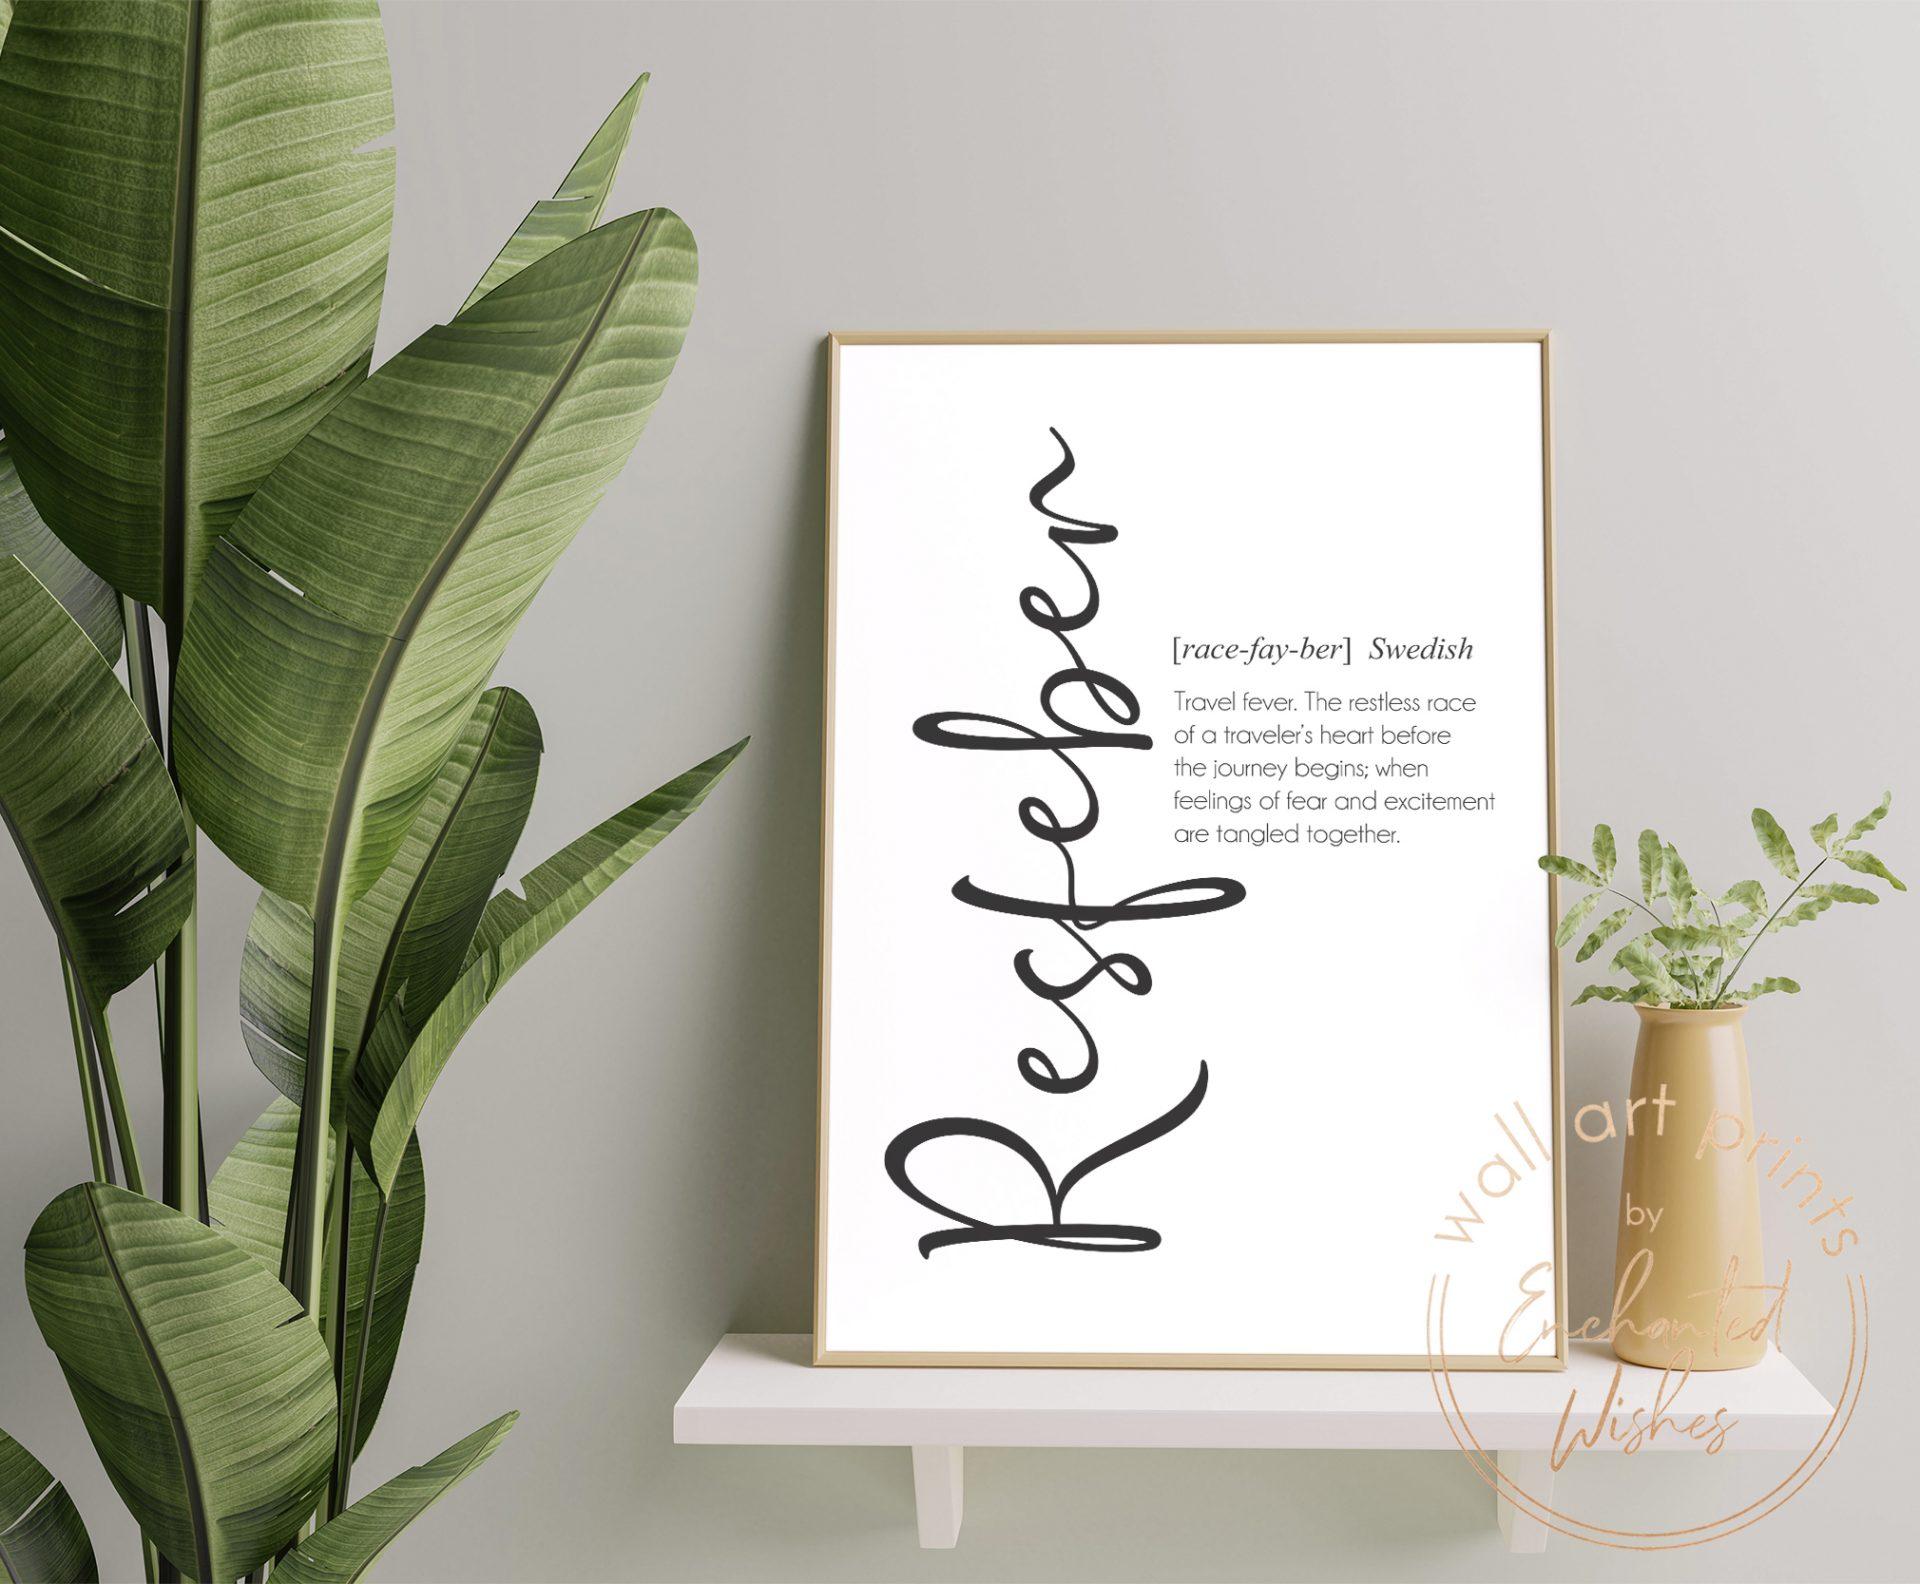 Resfeber definition print